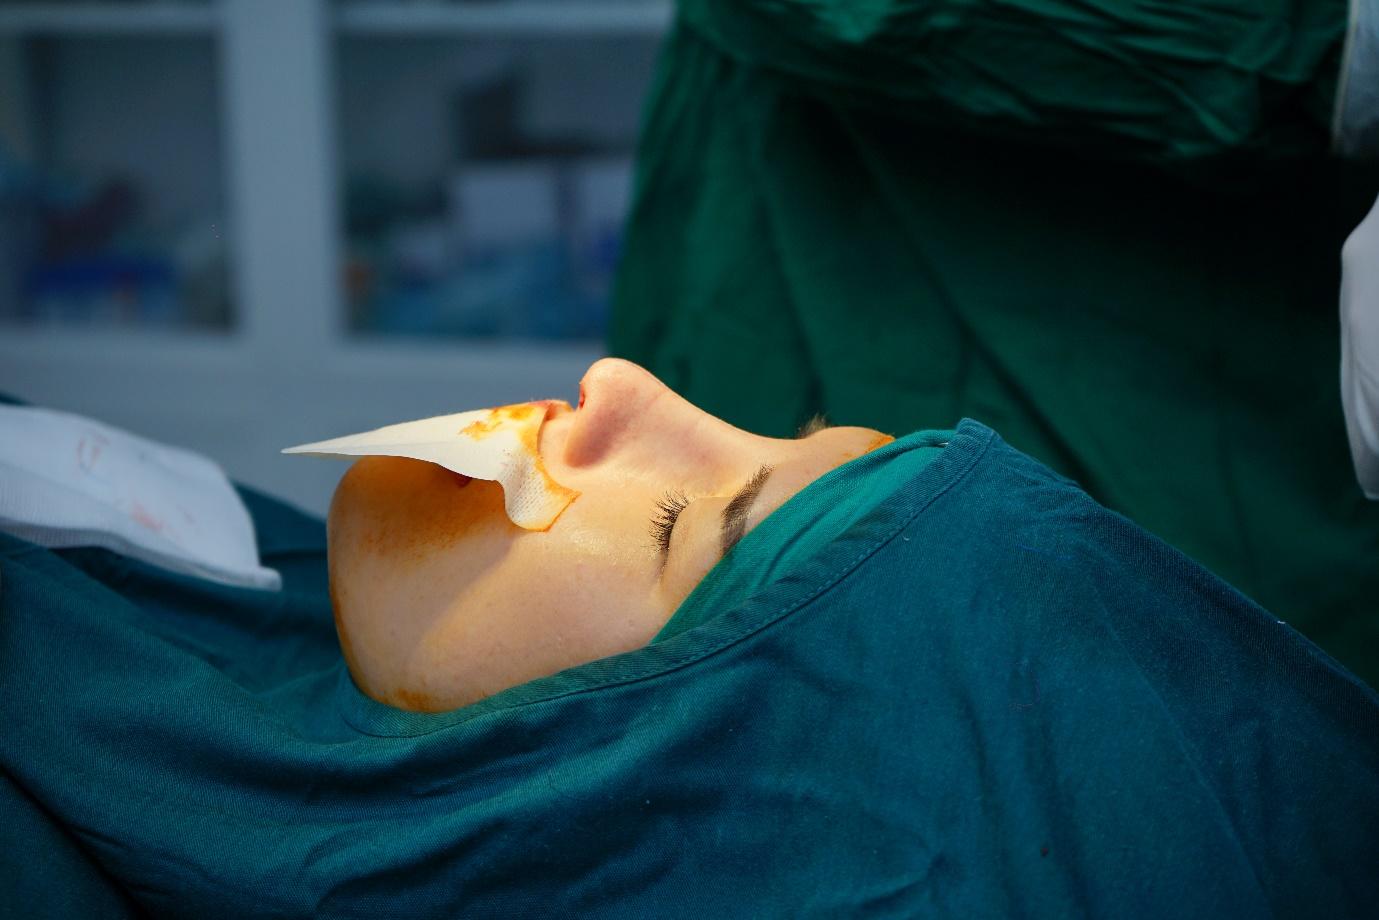 Kỹ thuật nâng mũi tiên tiến giúp bạn trải qua cuộc phẫu thuật nhẹ nhàng hơn.